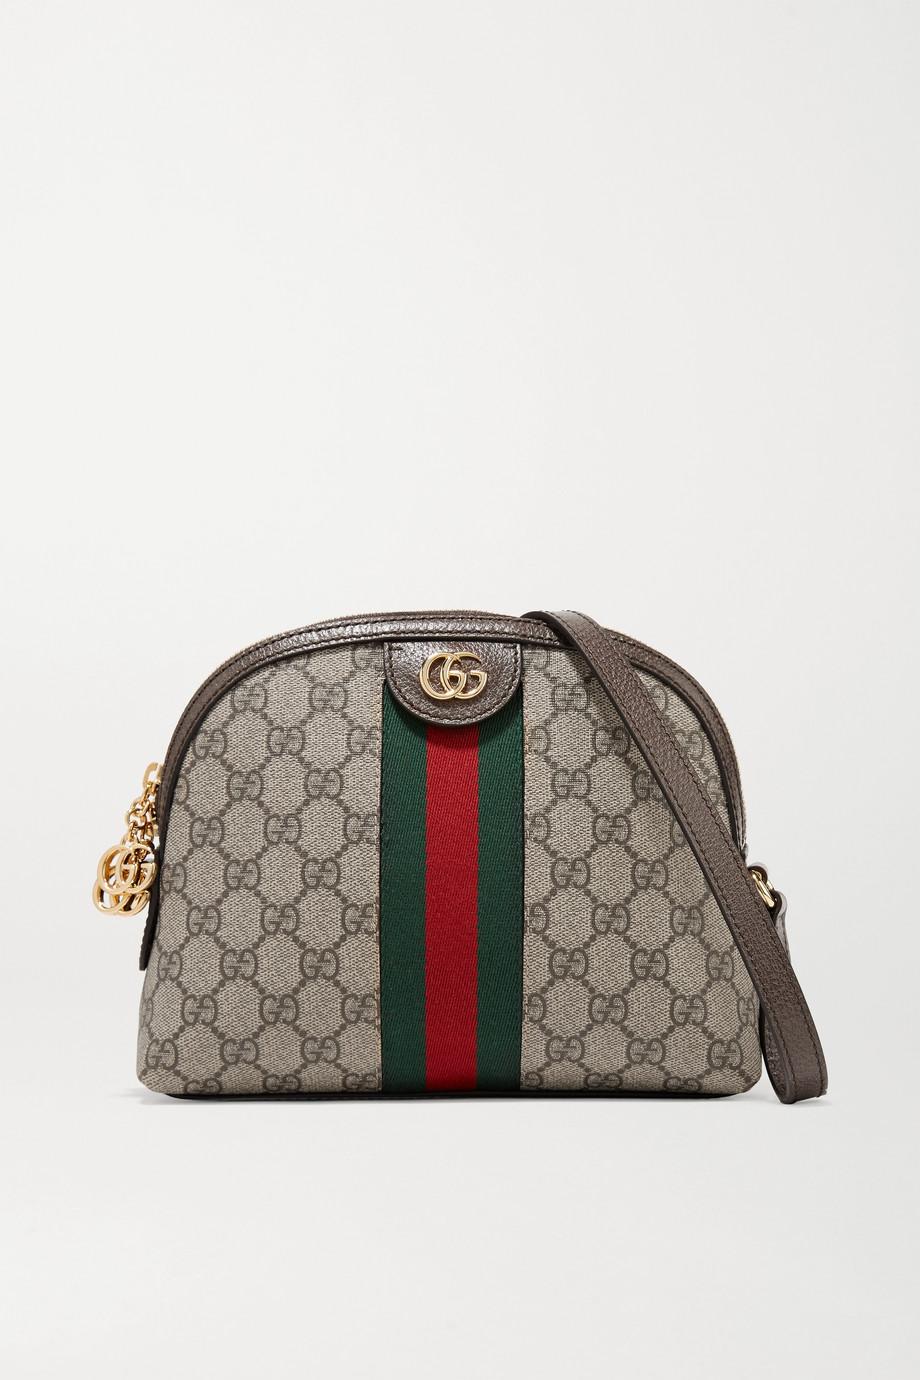 Gucci Ophidia bedruckte Schultertasche aus beschichtetem Canvas mit Besätzen aus strukturiertem Leder